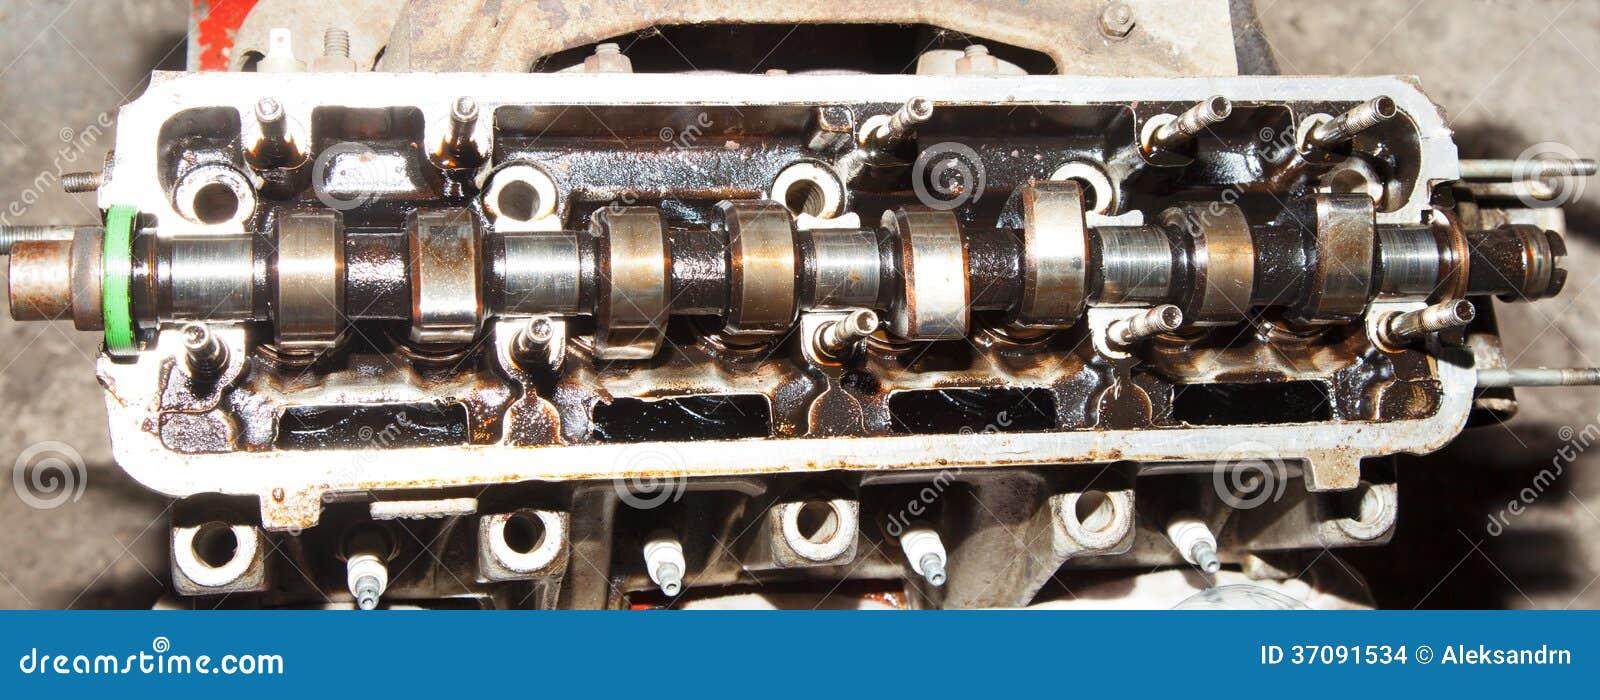 Download Camshaft samochód zdjęcie stock. Obraz złożonej z stary - 37091534